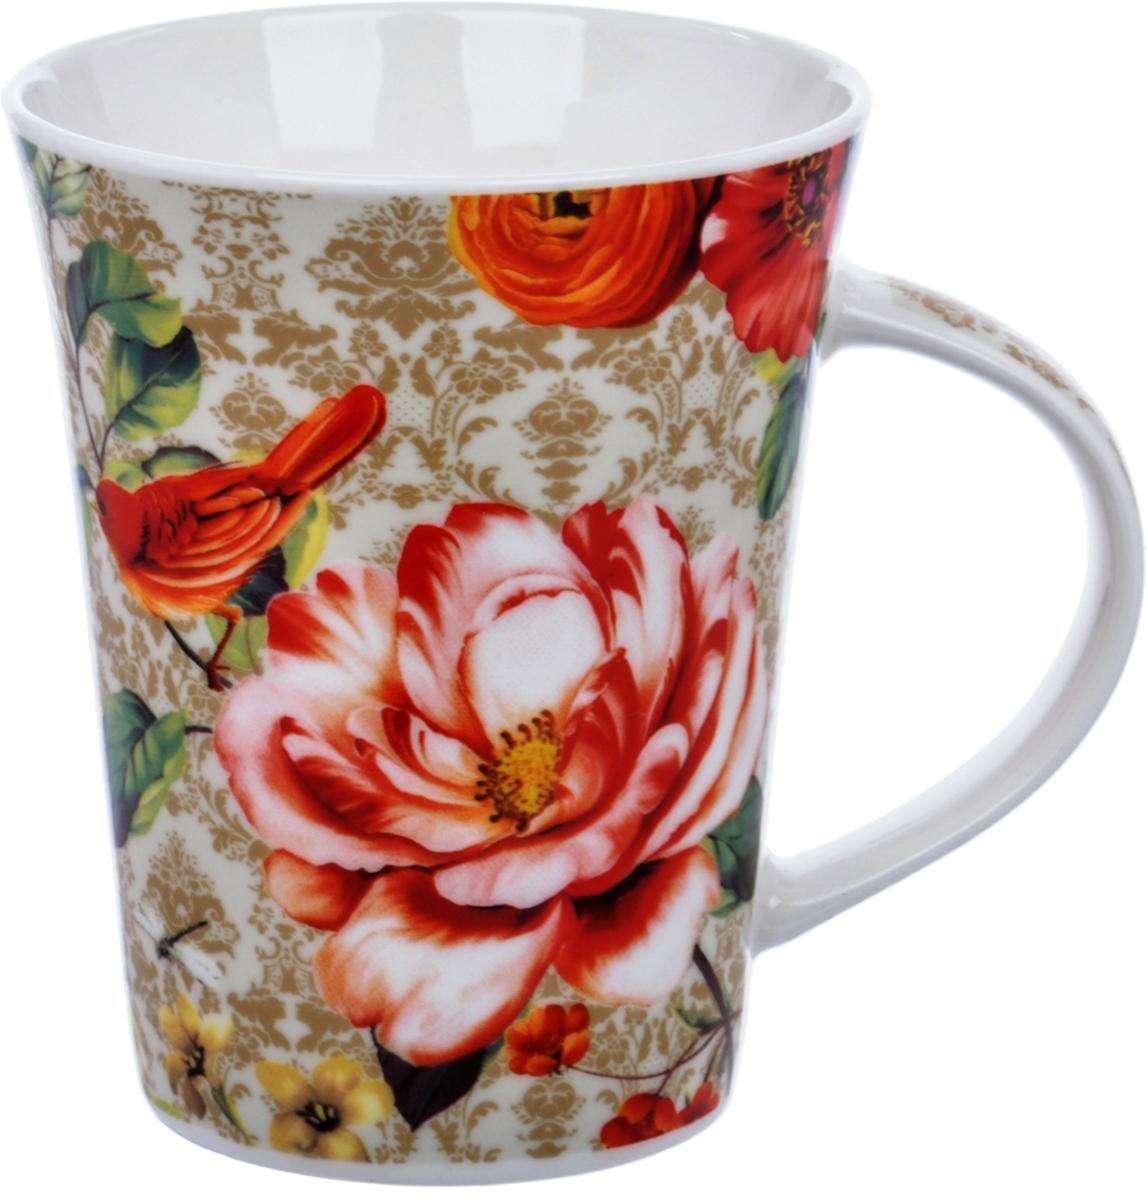 Кружка Liling Quanhu Райский цветок. Дизайн 2, 380 млLQB18-F001_2Кружки Quanhu - глянцевые кружки из молочно-белого фарфора с цветными деколями. Гладкие, устойчивые, с удобной широкой ручкой. Одинаково хороши для горячих и холодных напитков. Поскольку кружка отражает индивидуальность своего владельца, вы сами выбираете, какими вас будут воспринимать окружающие. Нежные, в сдержанных тонах, или яркие футуристические, буйство красок и фантазии. Для офиса и для дома. Для компании, семьи. Хороший подарок коллегам и близким. Кружки можно использовать в СВЧ и мыть в ПММ.